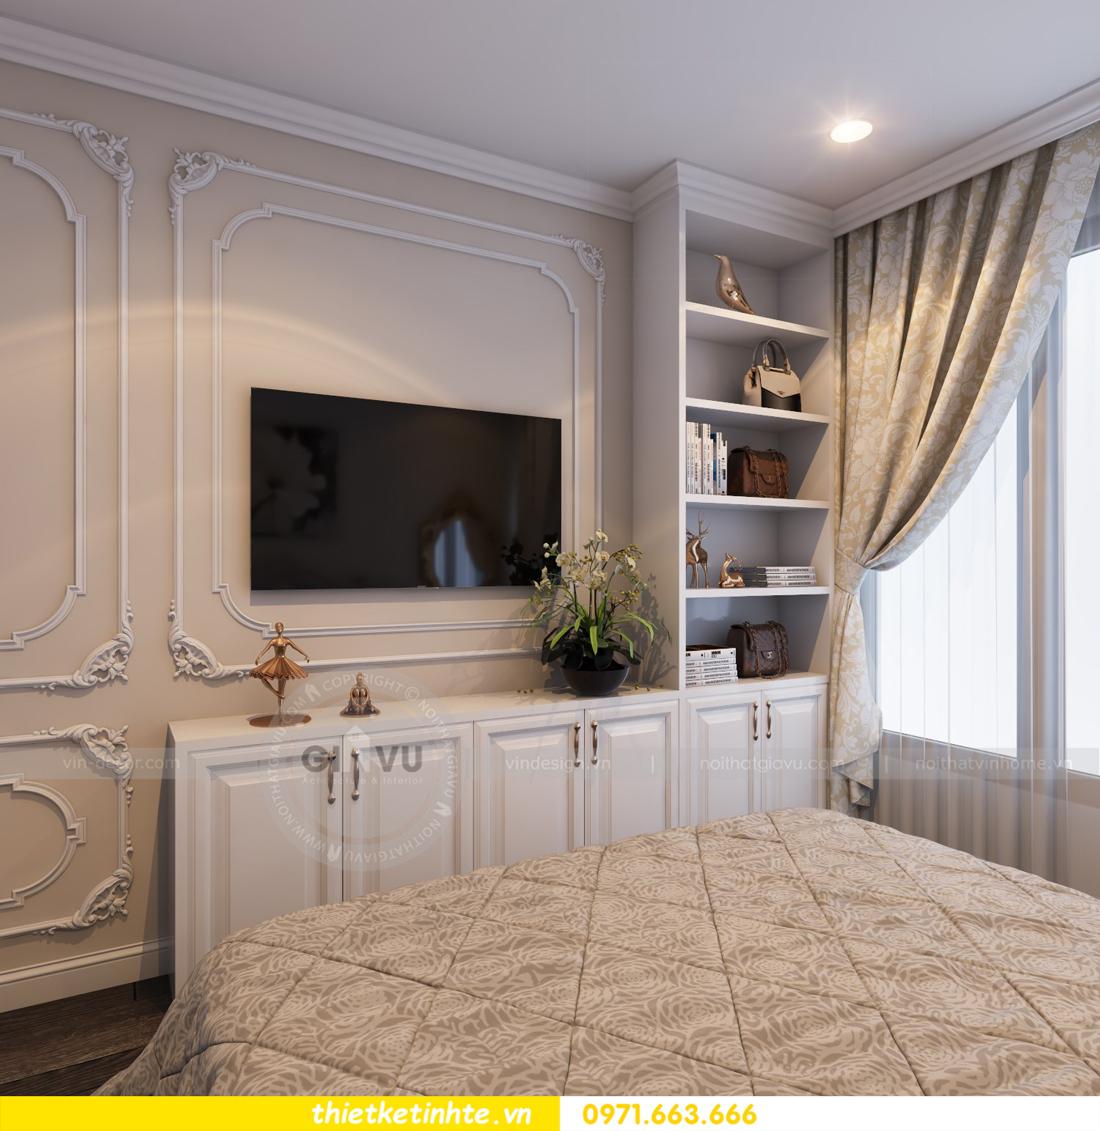 thiết kế nội thất chung cư Vinhomes Gardenia tòa A2 căn 06 chị Nụ 17